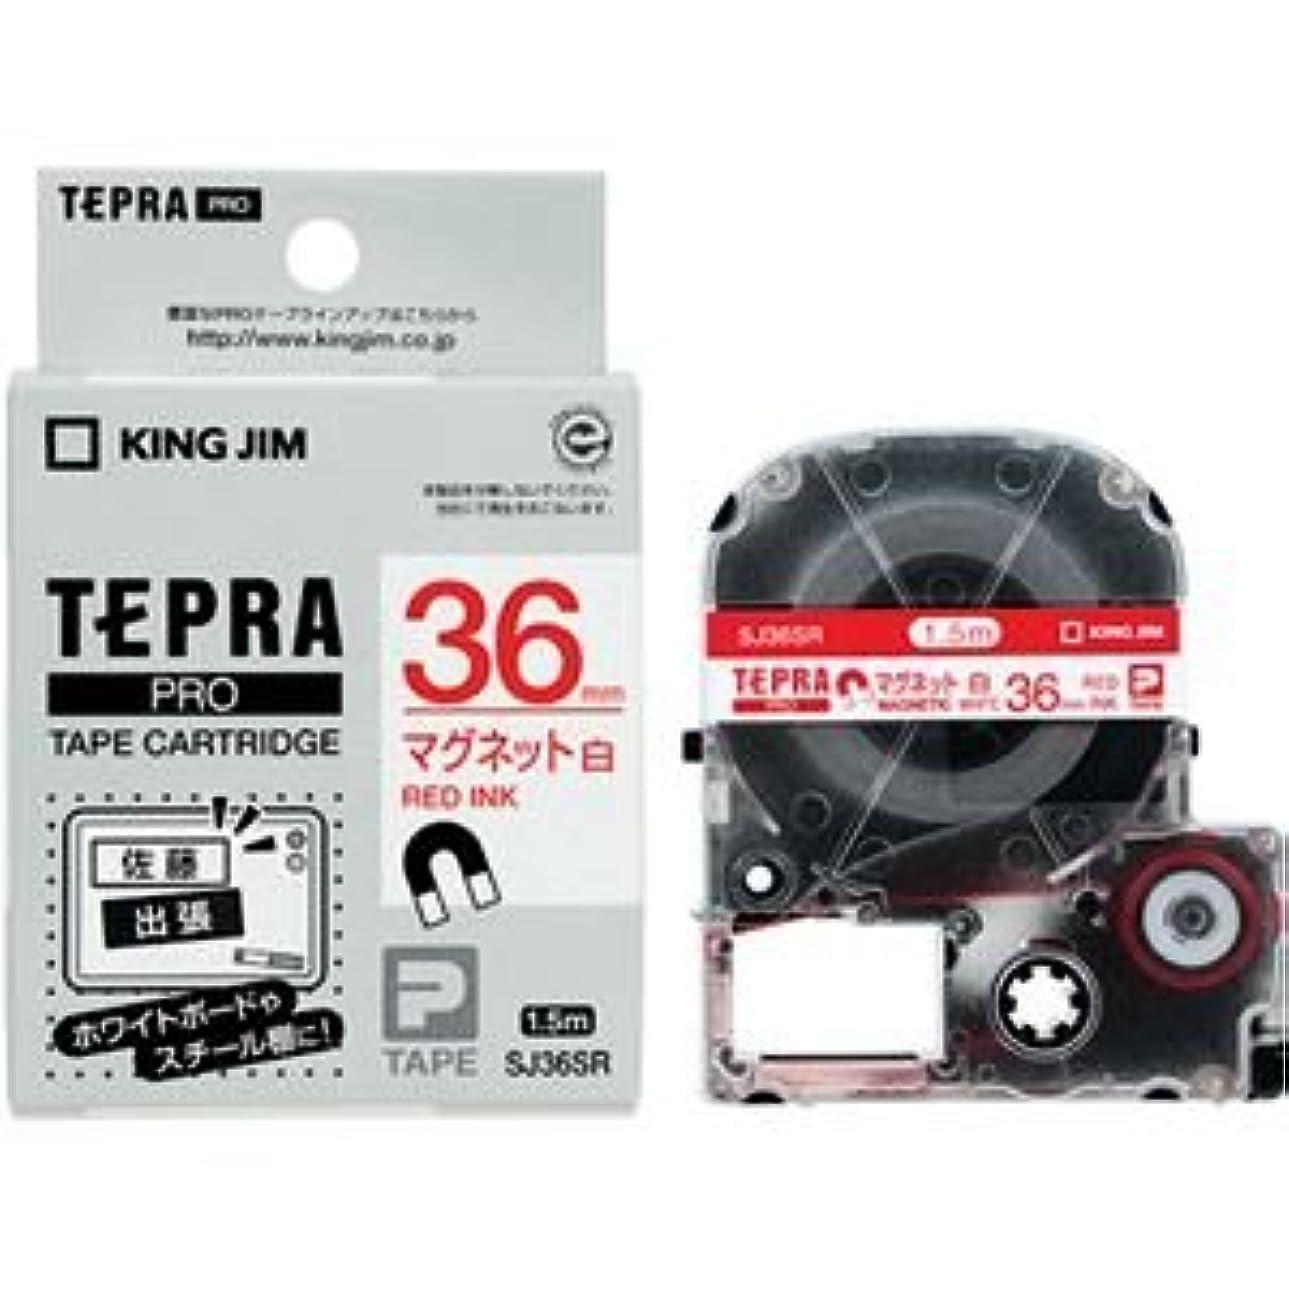 一見要旨ギャラリーキングジム テプラ PRO テープカートリッジ マグネットテープ 36mm 白/赤文字 SJ36SR 1個 (×4セット)